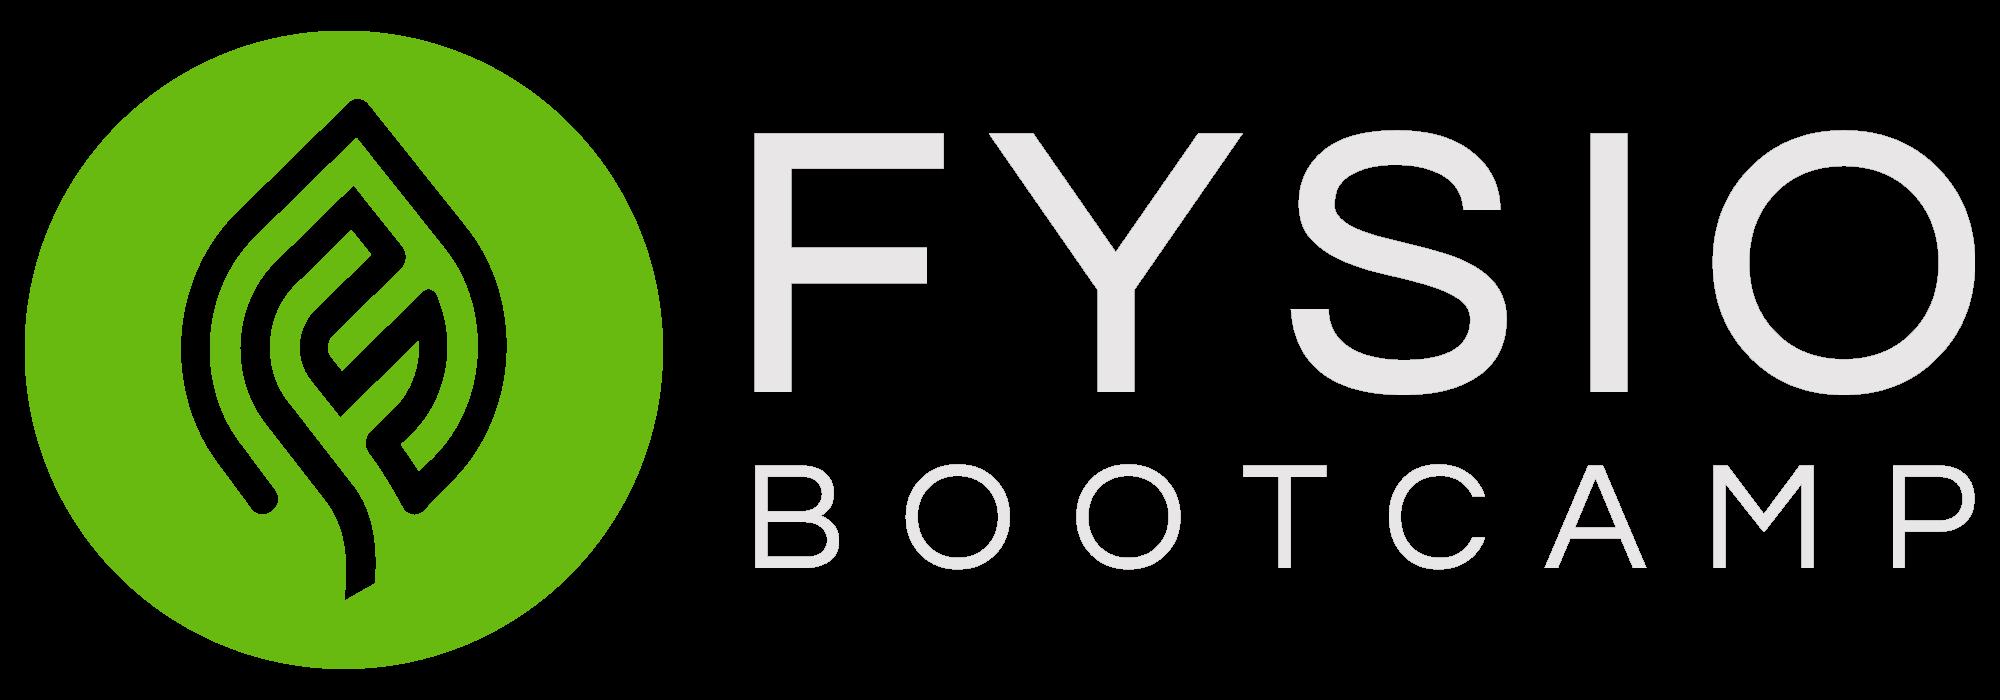 Fysio Bootcamp